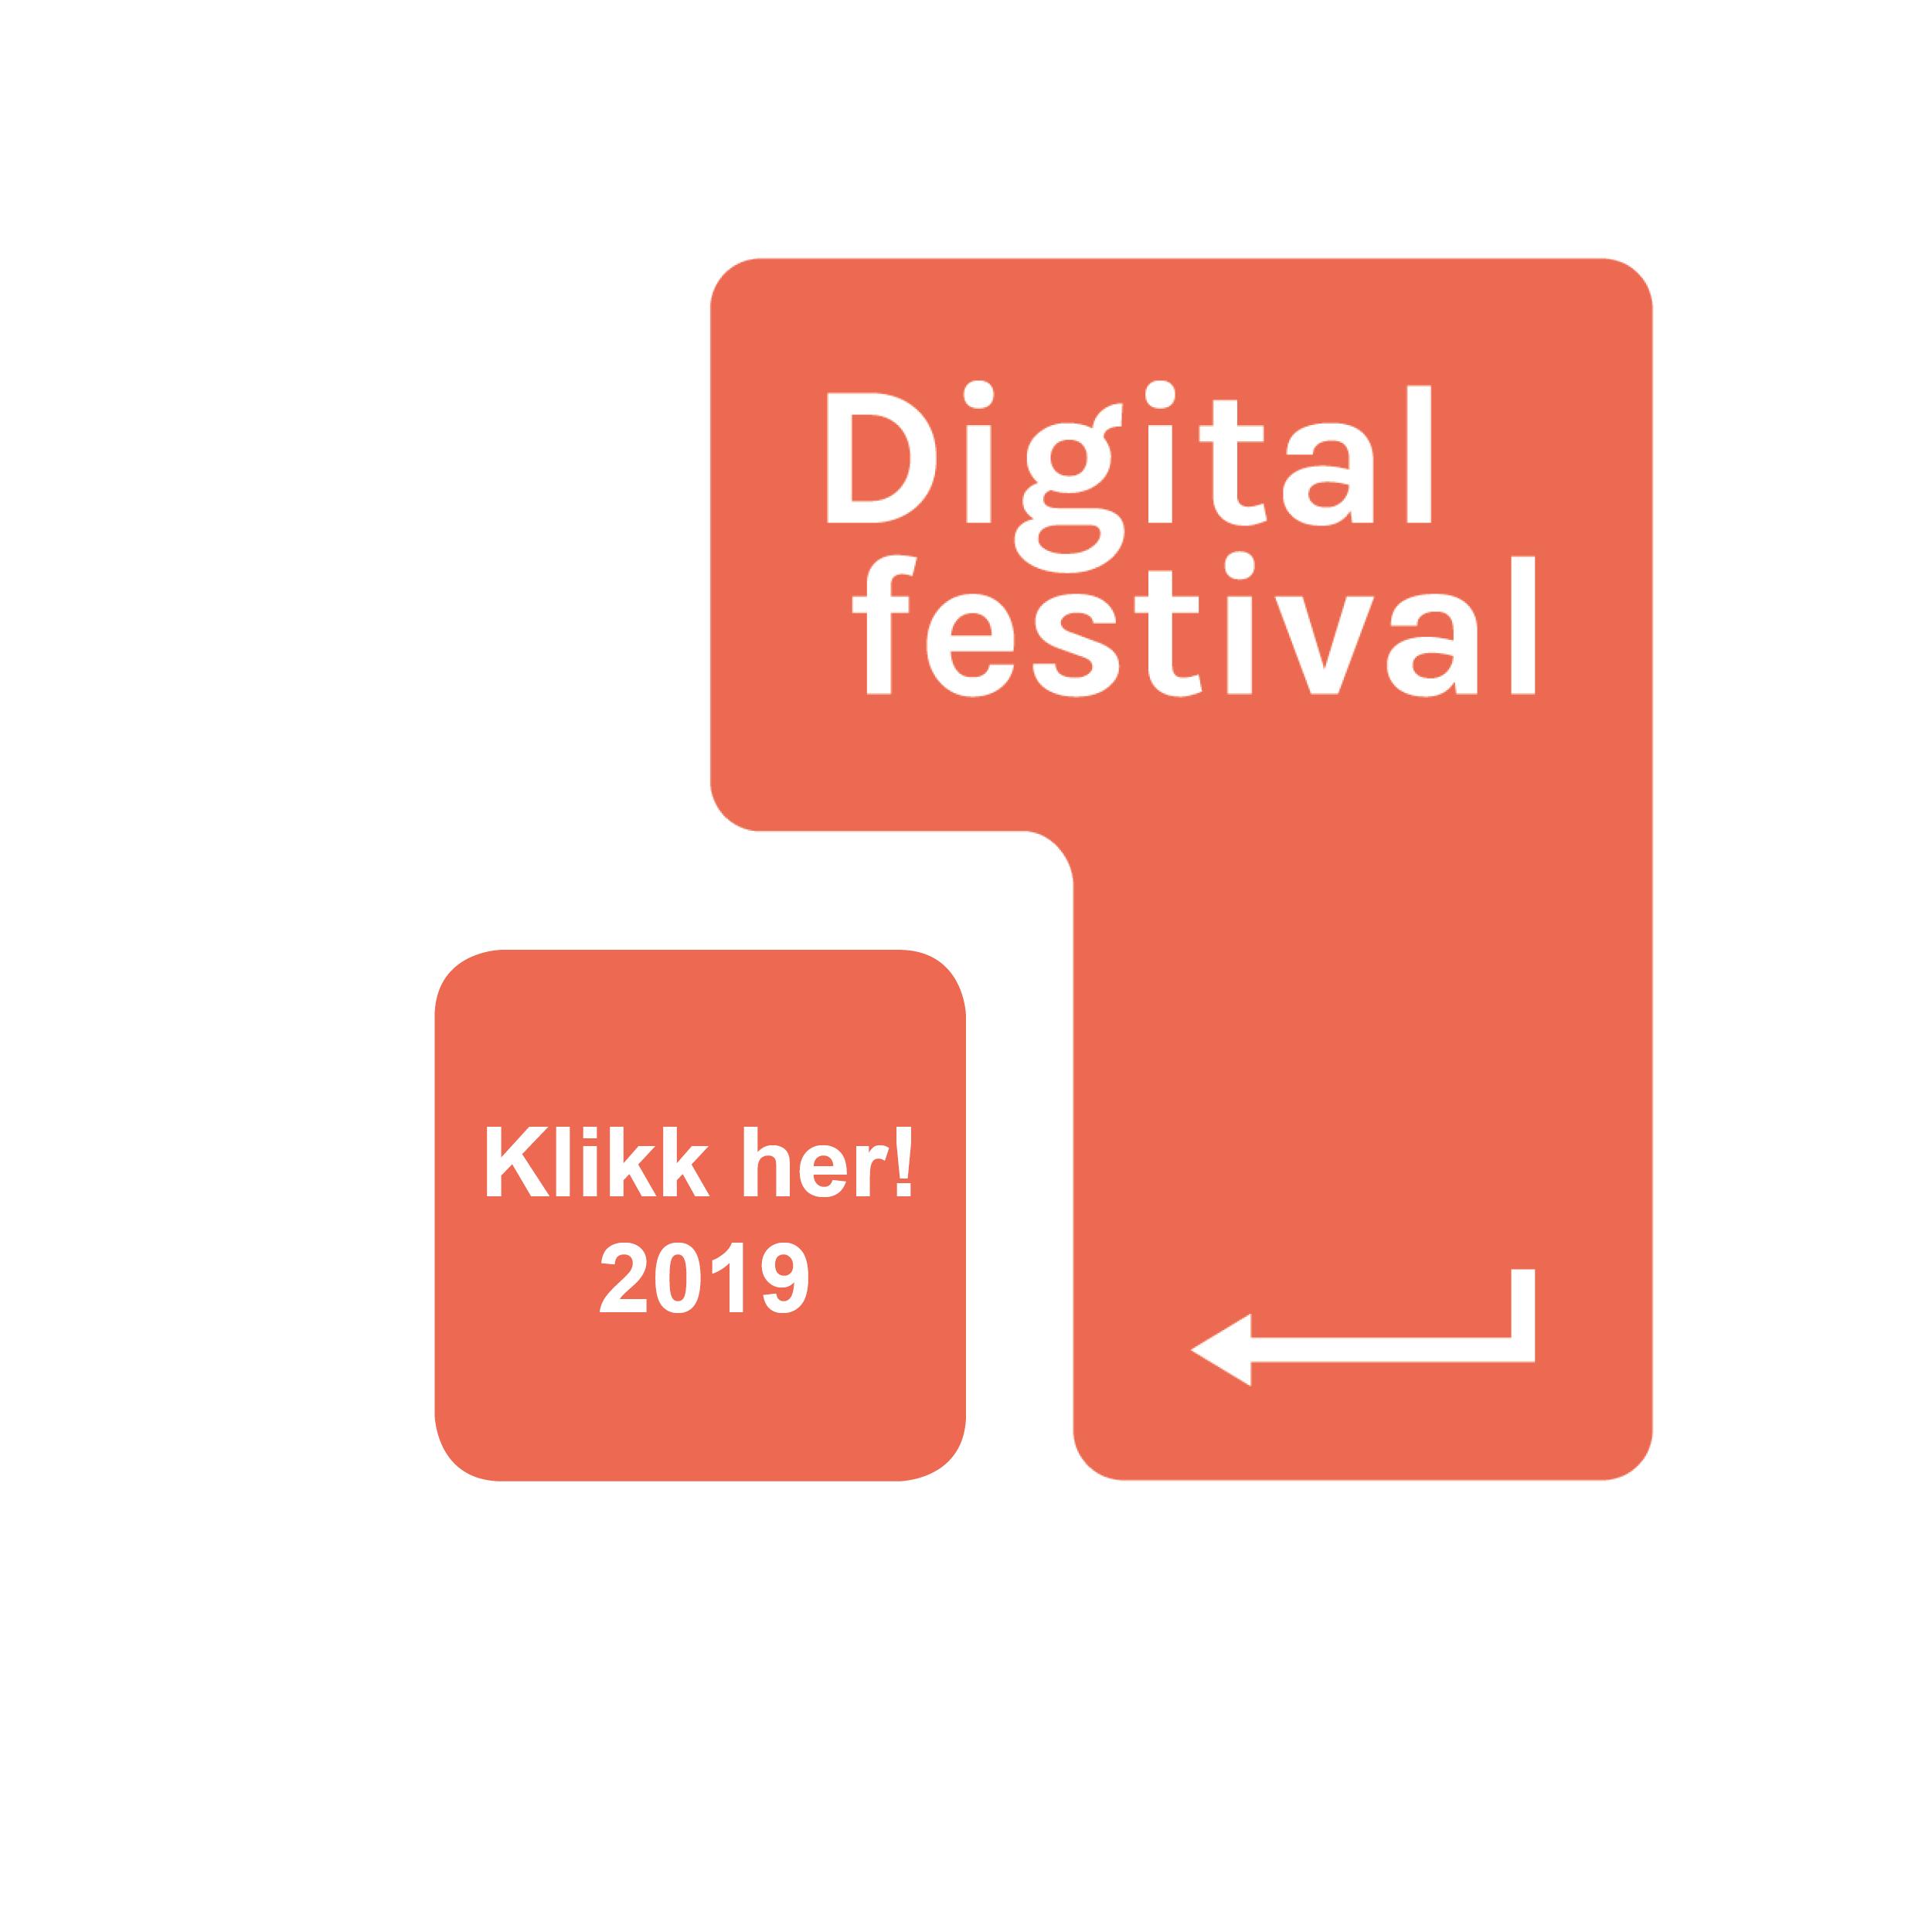 Digital festival_Logo med slagord_2019[53304]